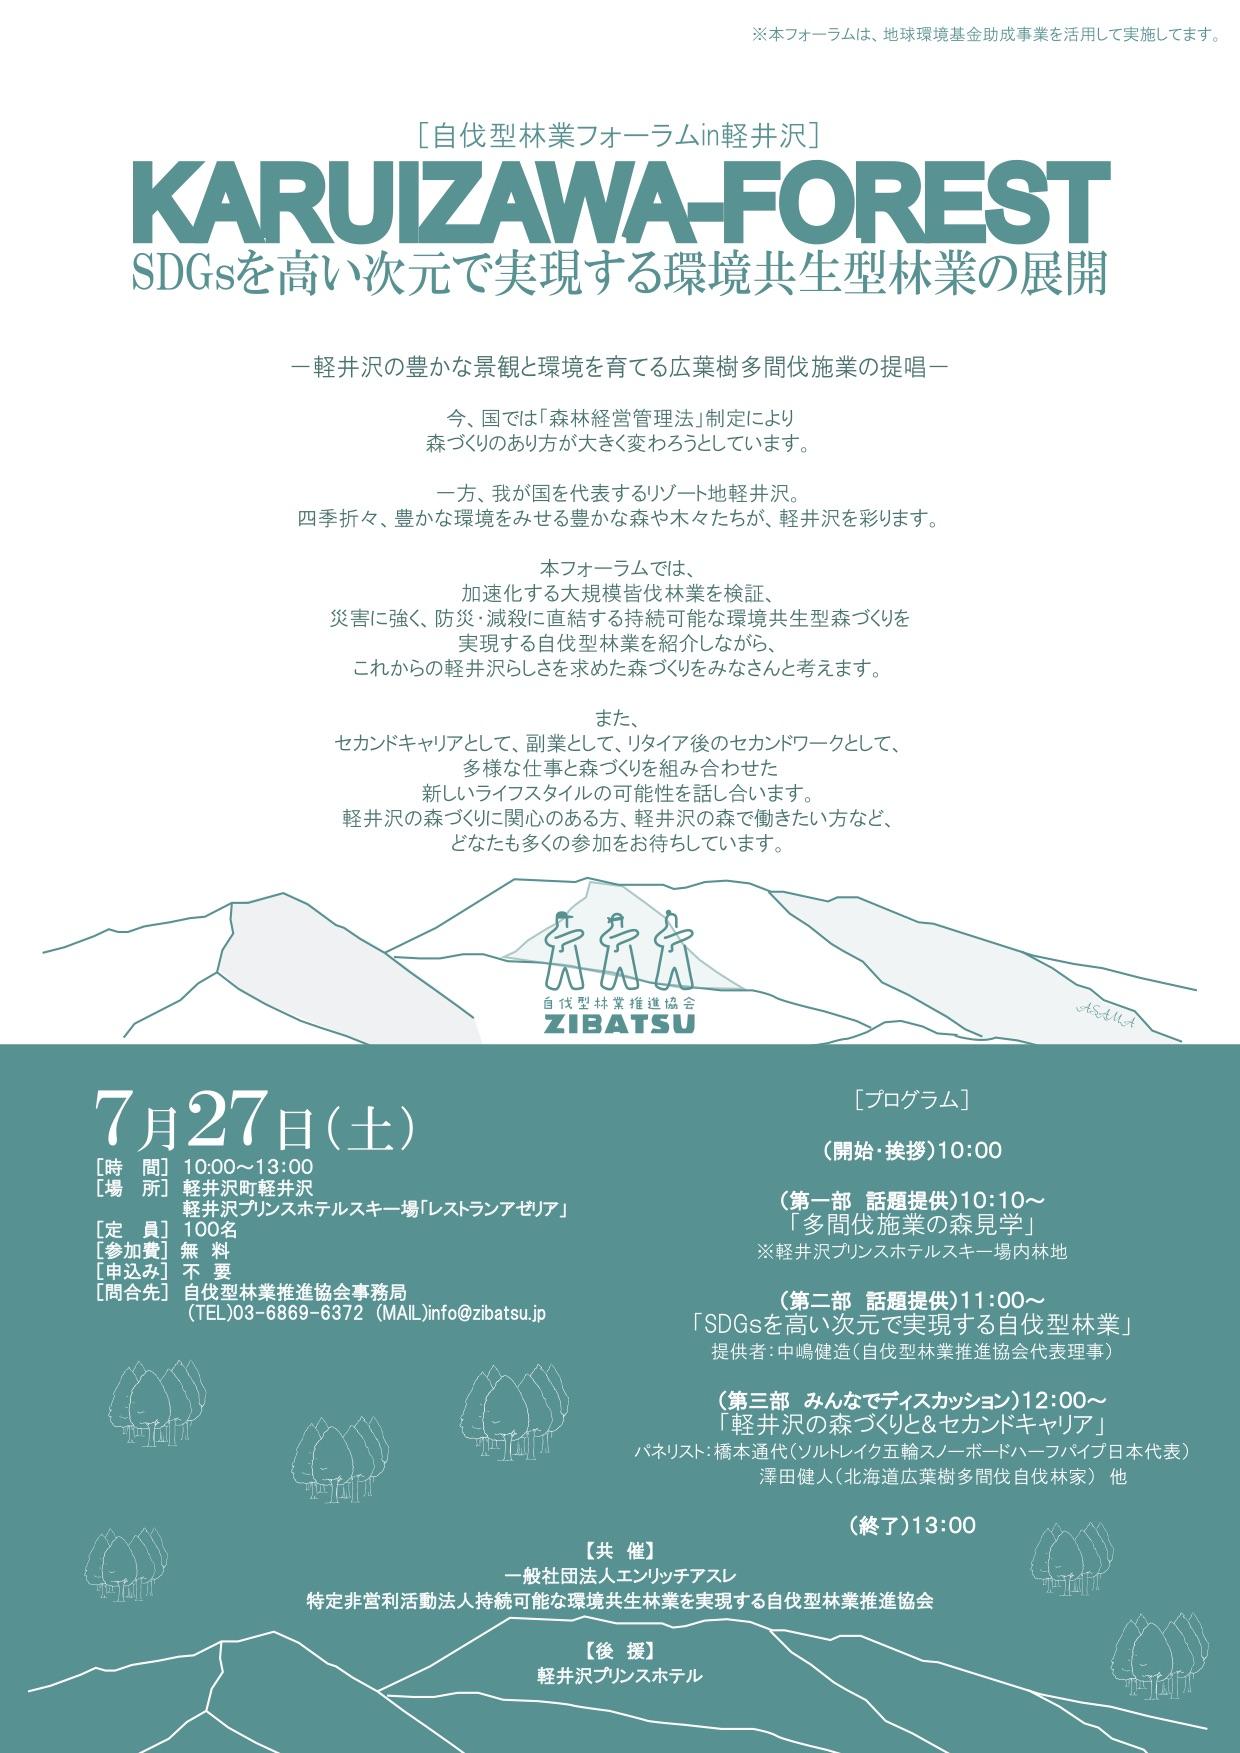 7月27日「自伐型林業フォーラムin軽井沢」開催